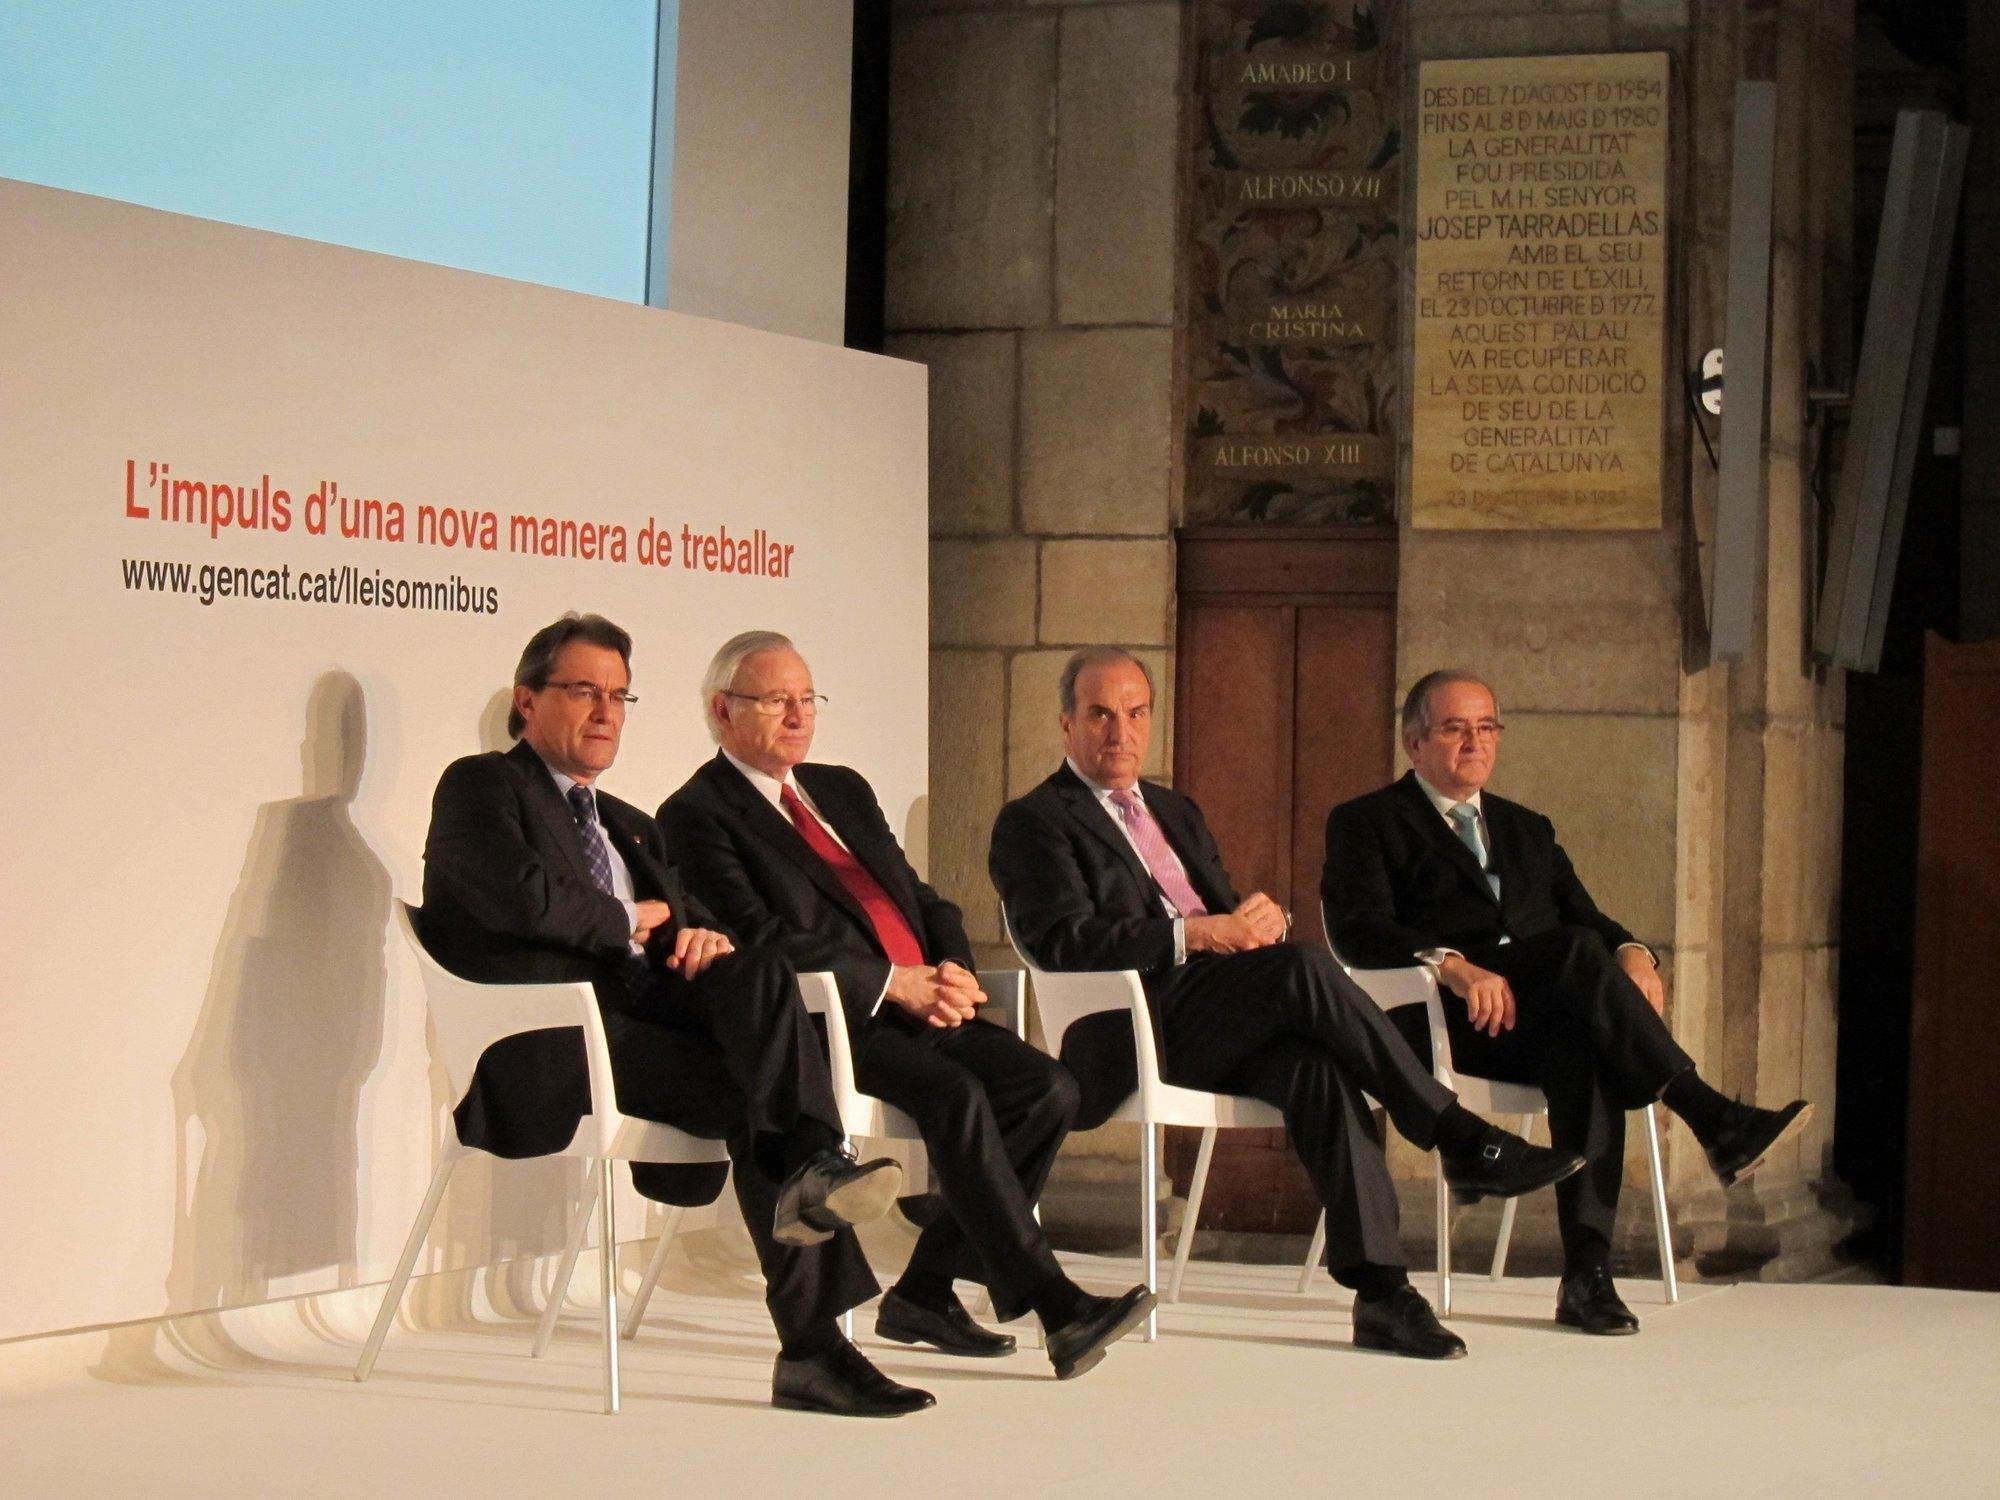 Mas defiende las reformas catalanas y estatales para ganar competitividad a largo plazo